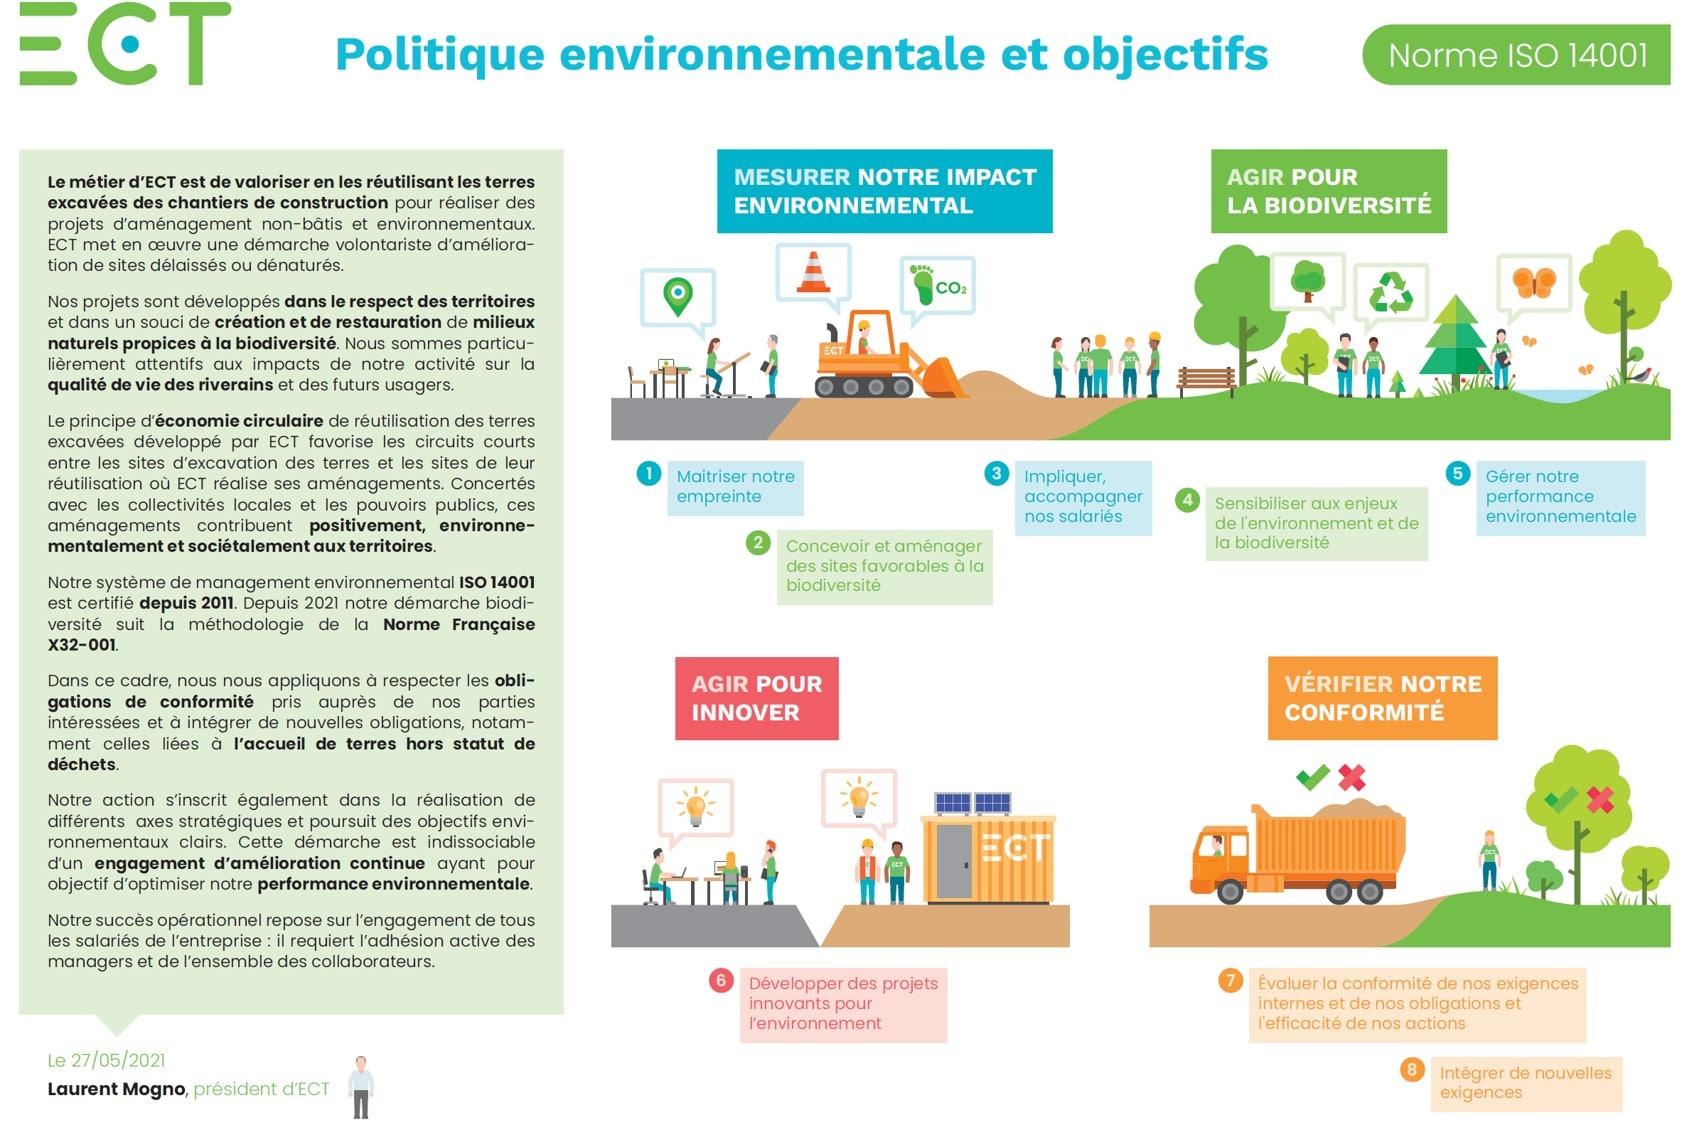 politique environnementale et objectif Iso 14001